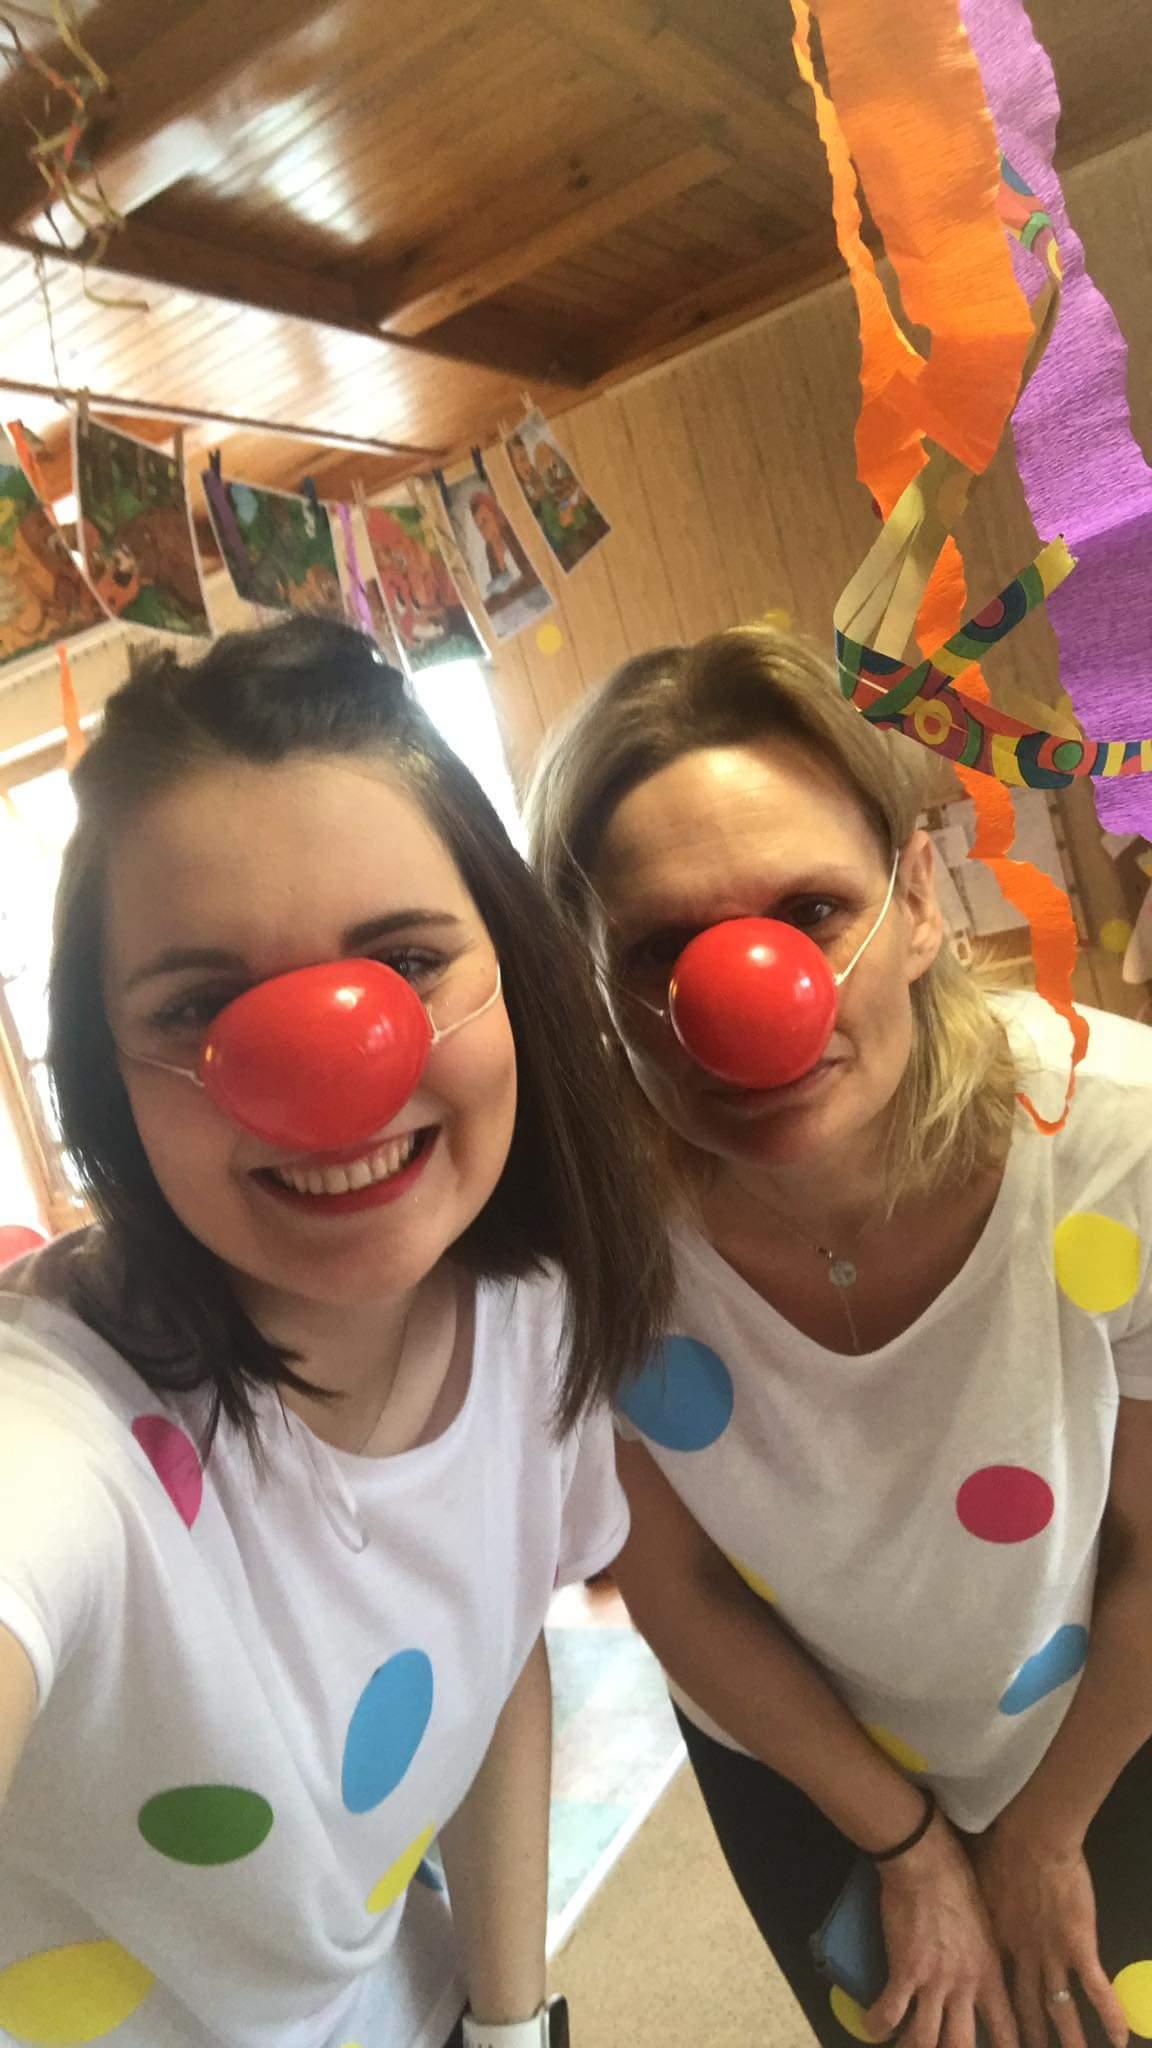 Náš barevný karneval 18.2.2021 - pokračování :-)